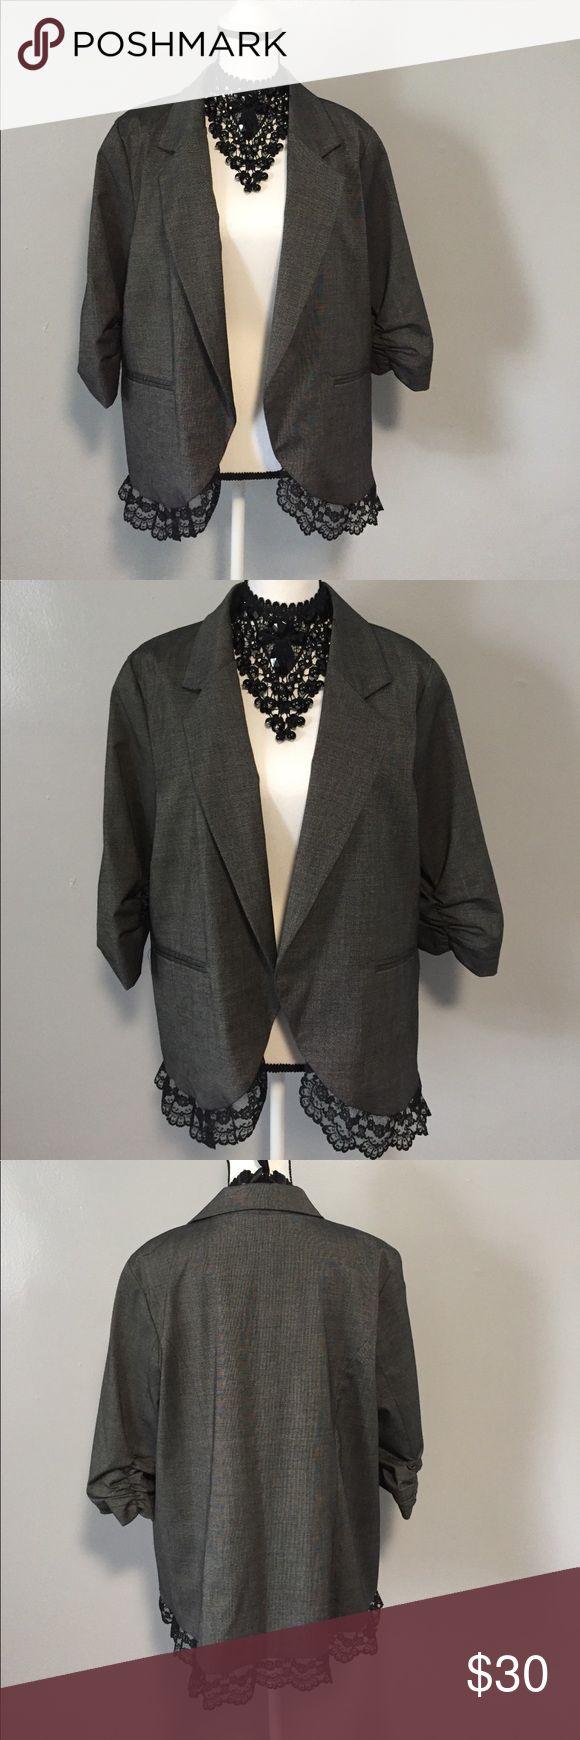 NWOT Gray Black scrunchy Sleeve Blazer 1x NWOT Gray Black scrunchy Sleeve Blazer 1x. With a cute Lace bottom trim. Jackets & Coats Blazers